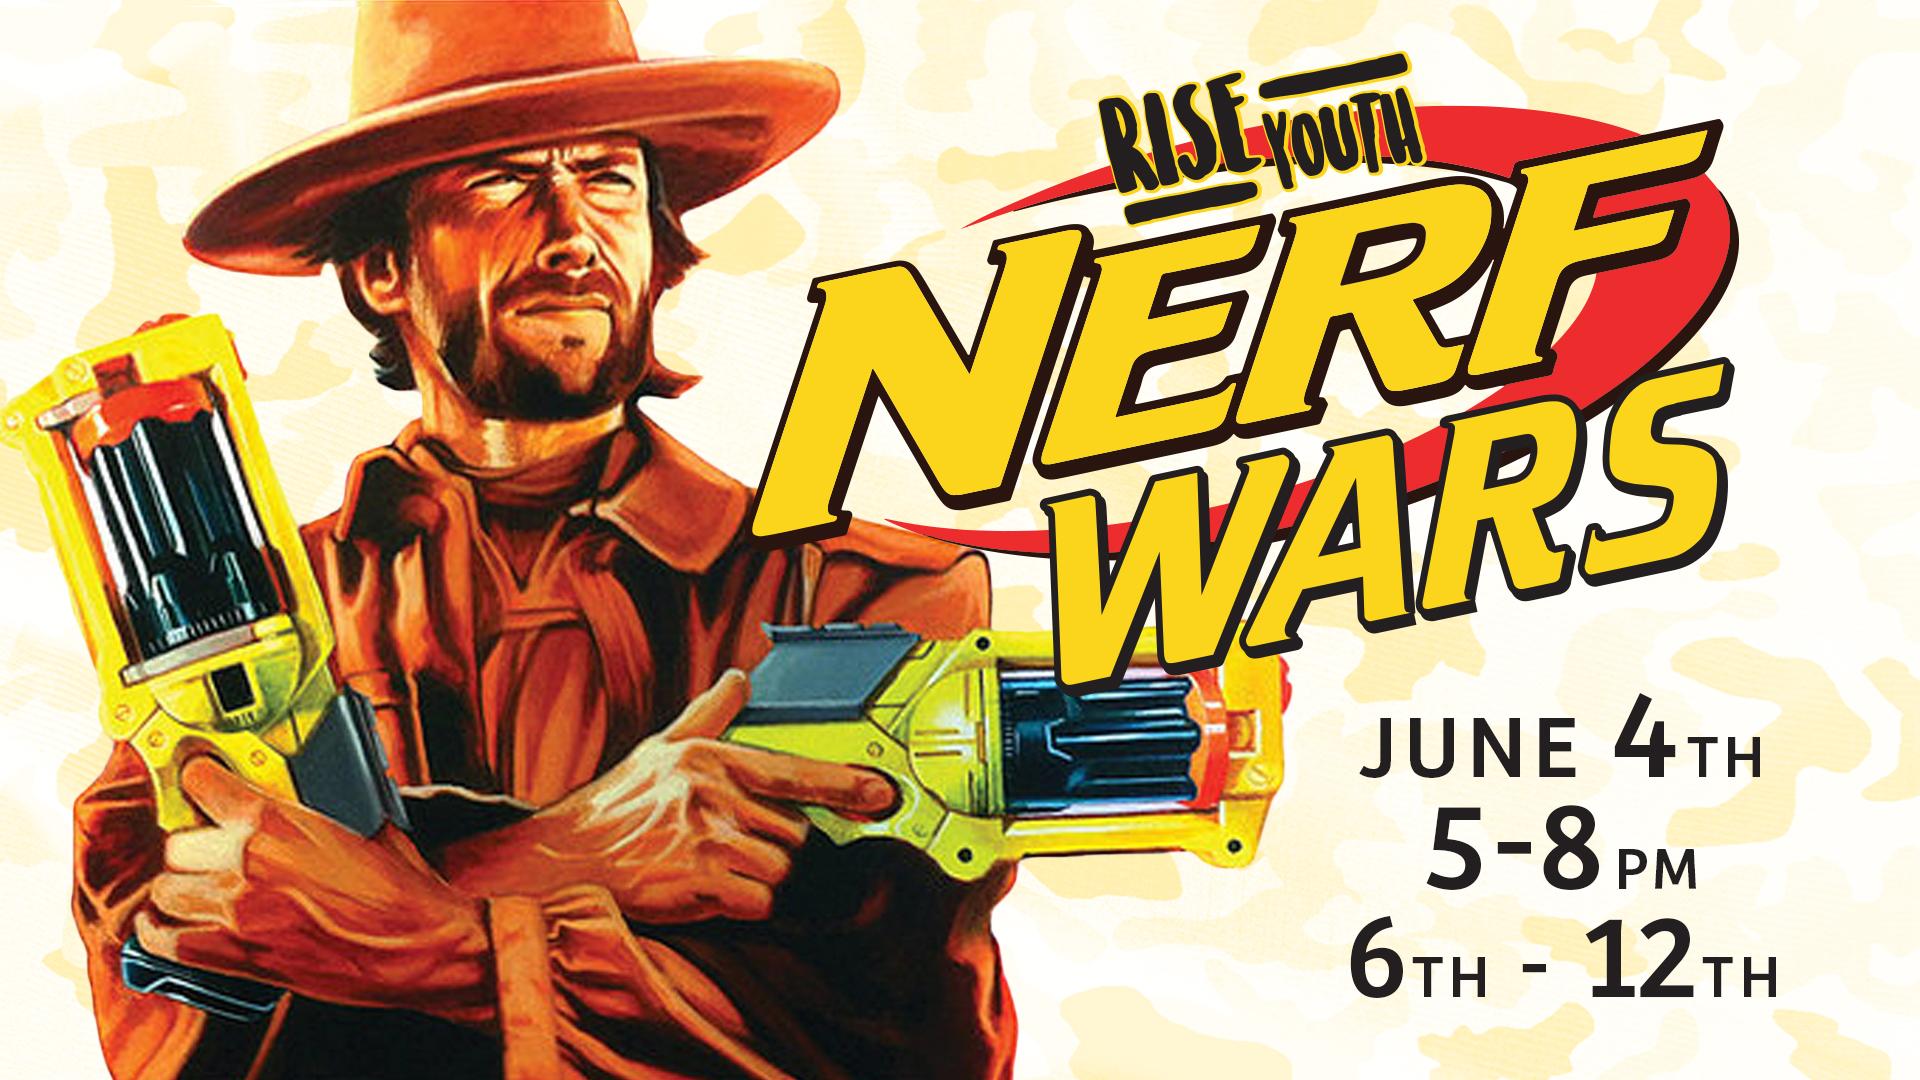 Rise Youth Nerf War Spirit 88 9 Amp 100 1